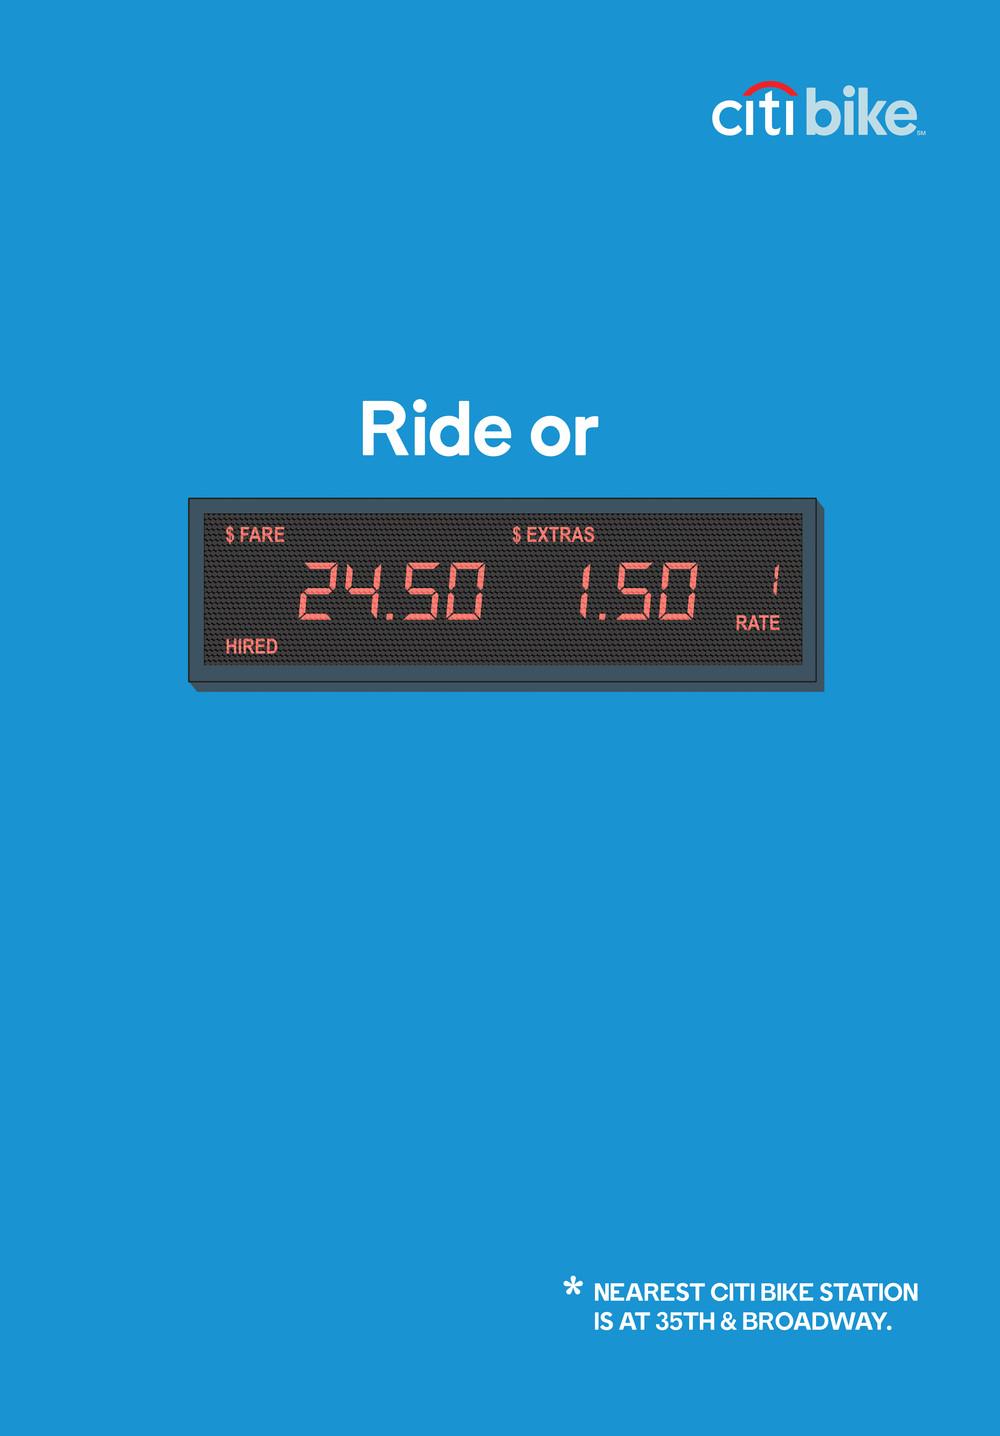 CitiBike_New_BusWraps-02.jpg